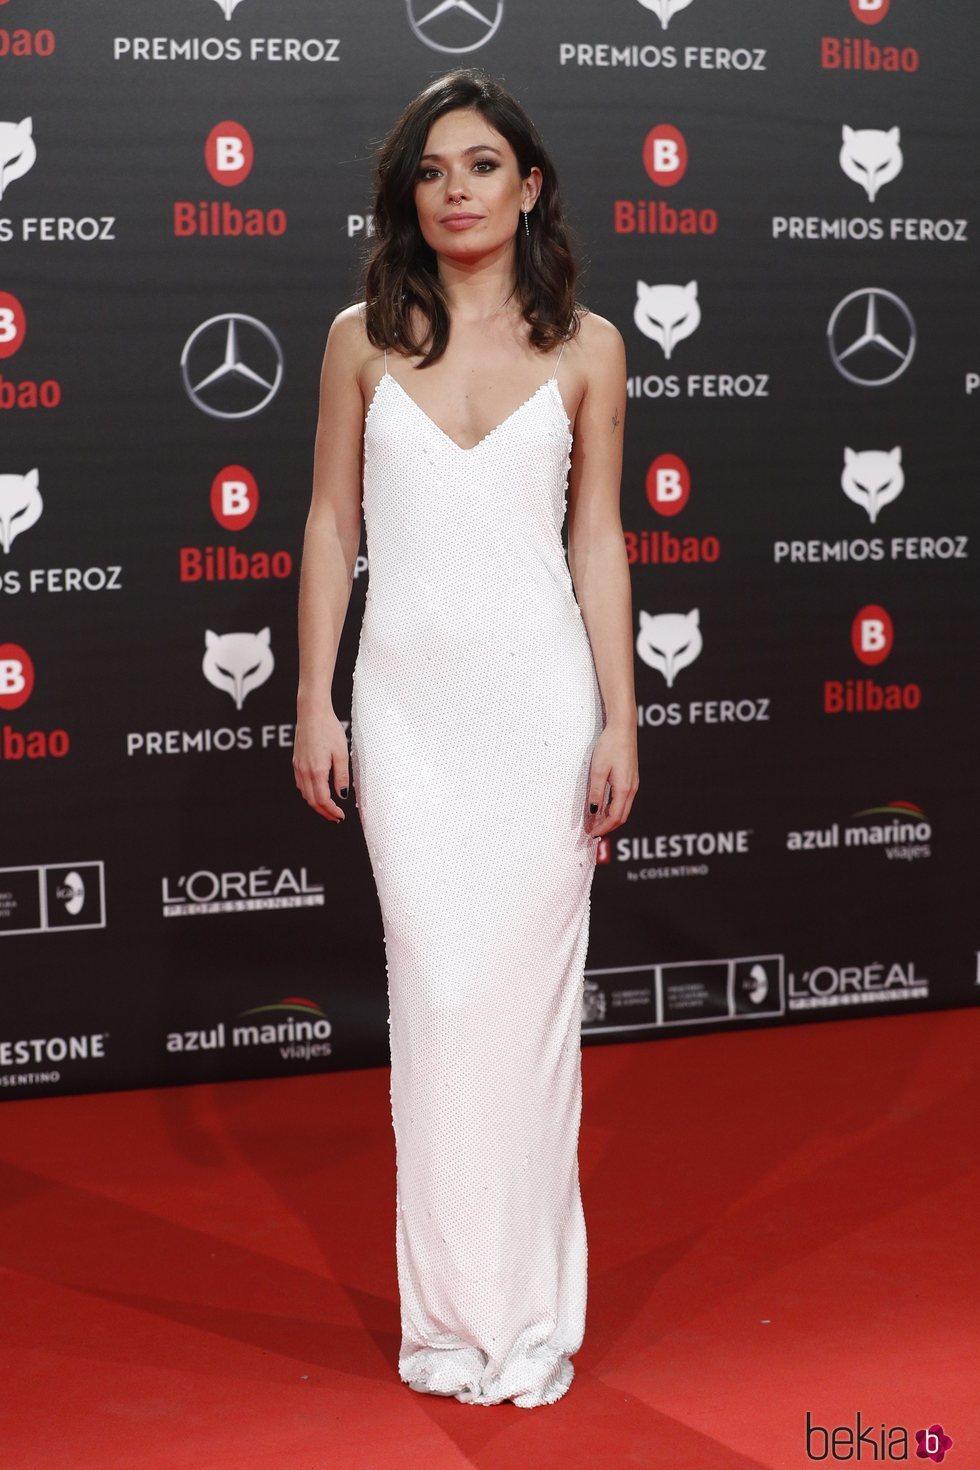 Anna Castillo en los Premios Feroz 2019